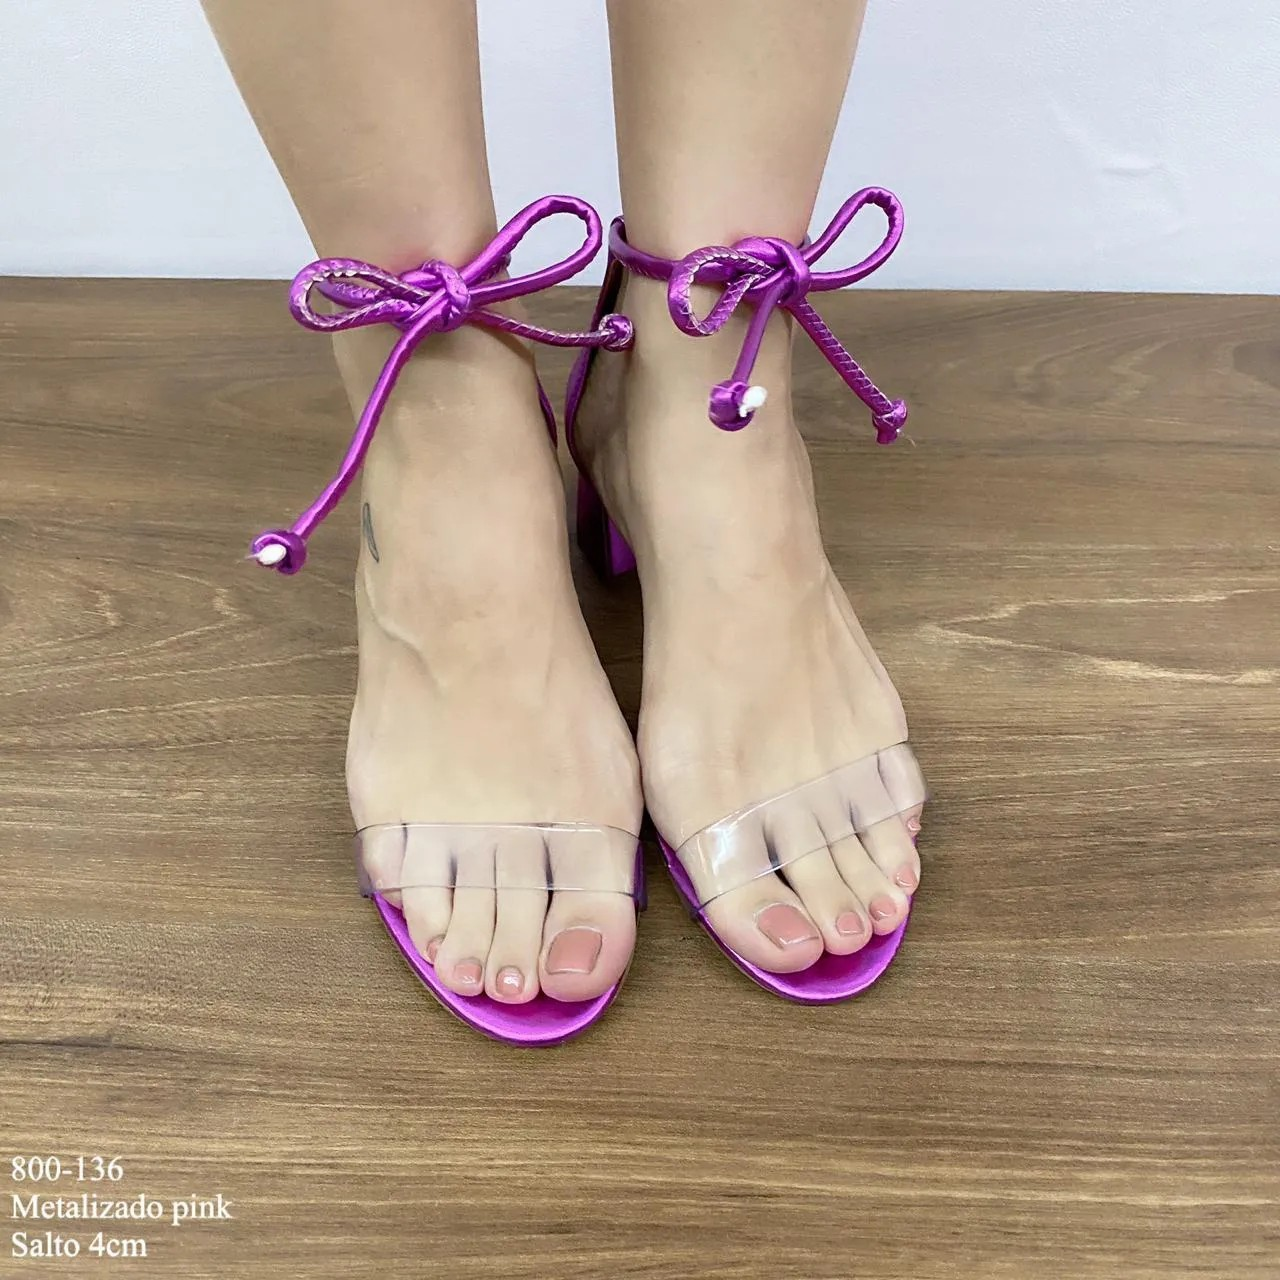 Sandália Metalizada Pink Magnólia | D-800-136